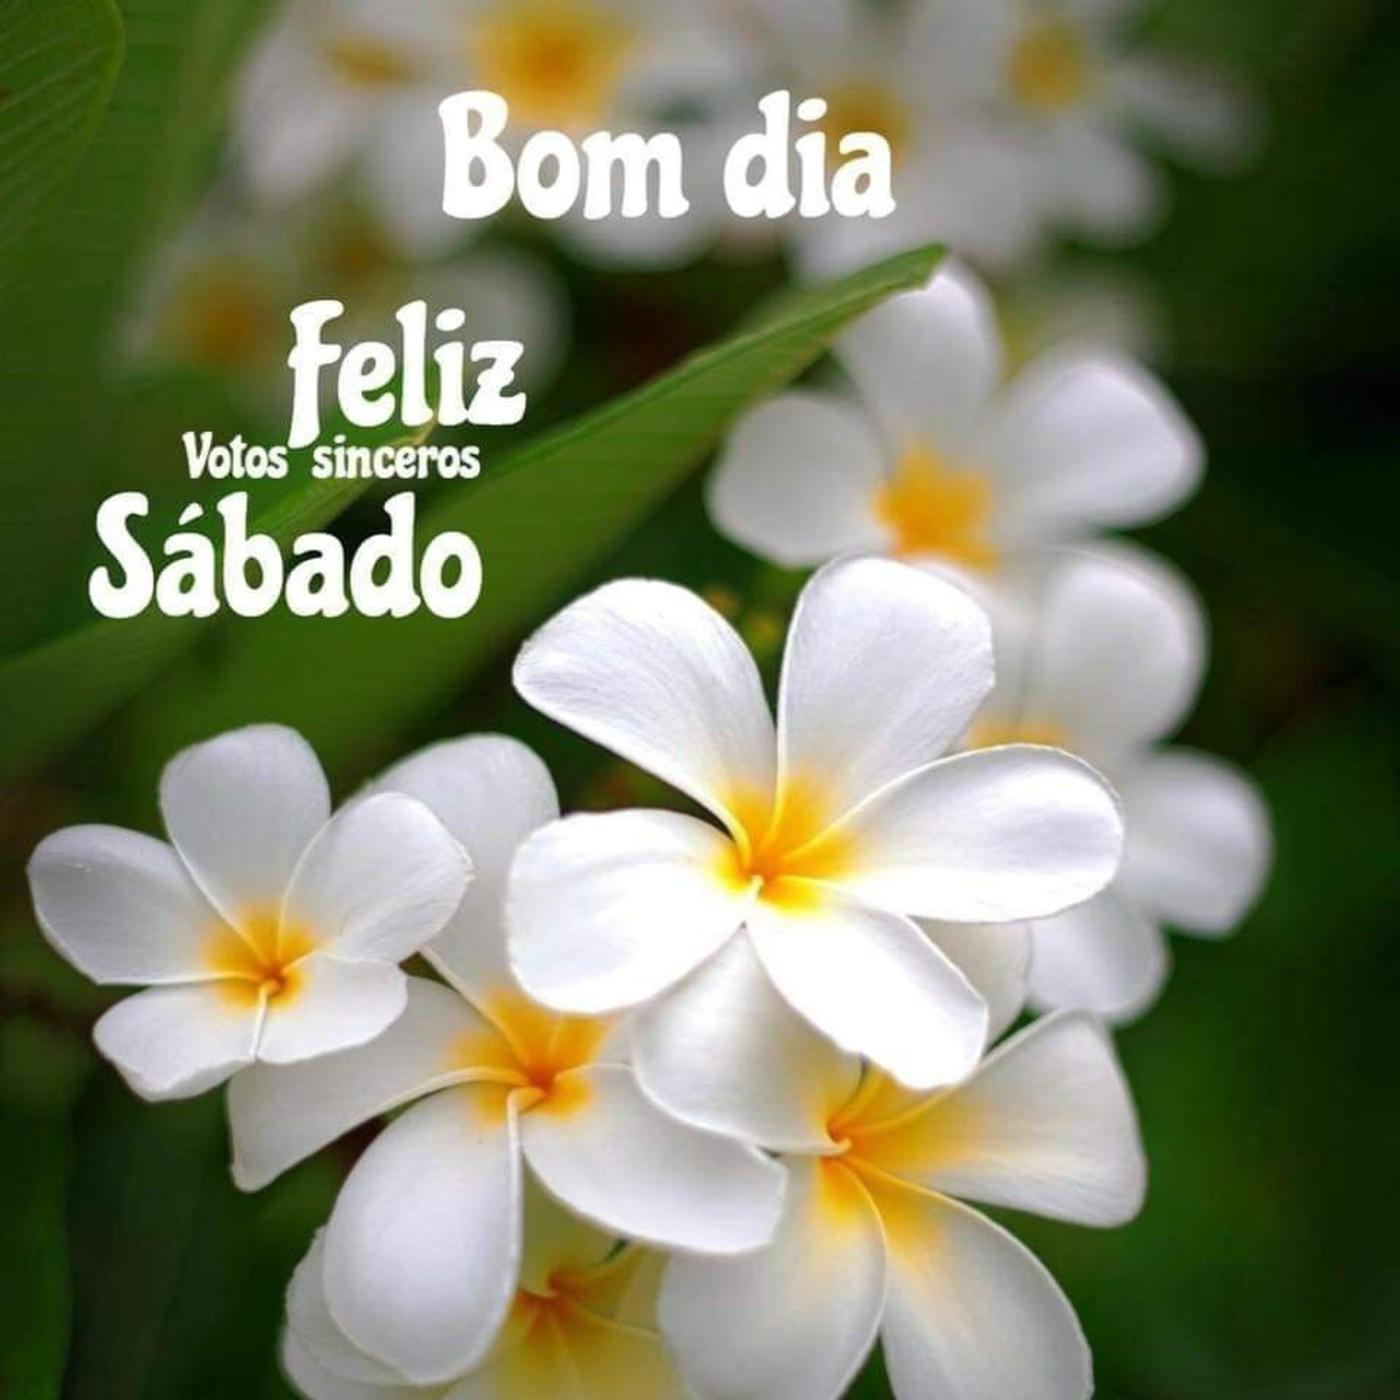 Imagens bonitas feliz sábado Whatsapp 148